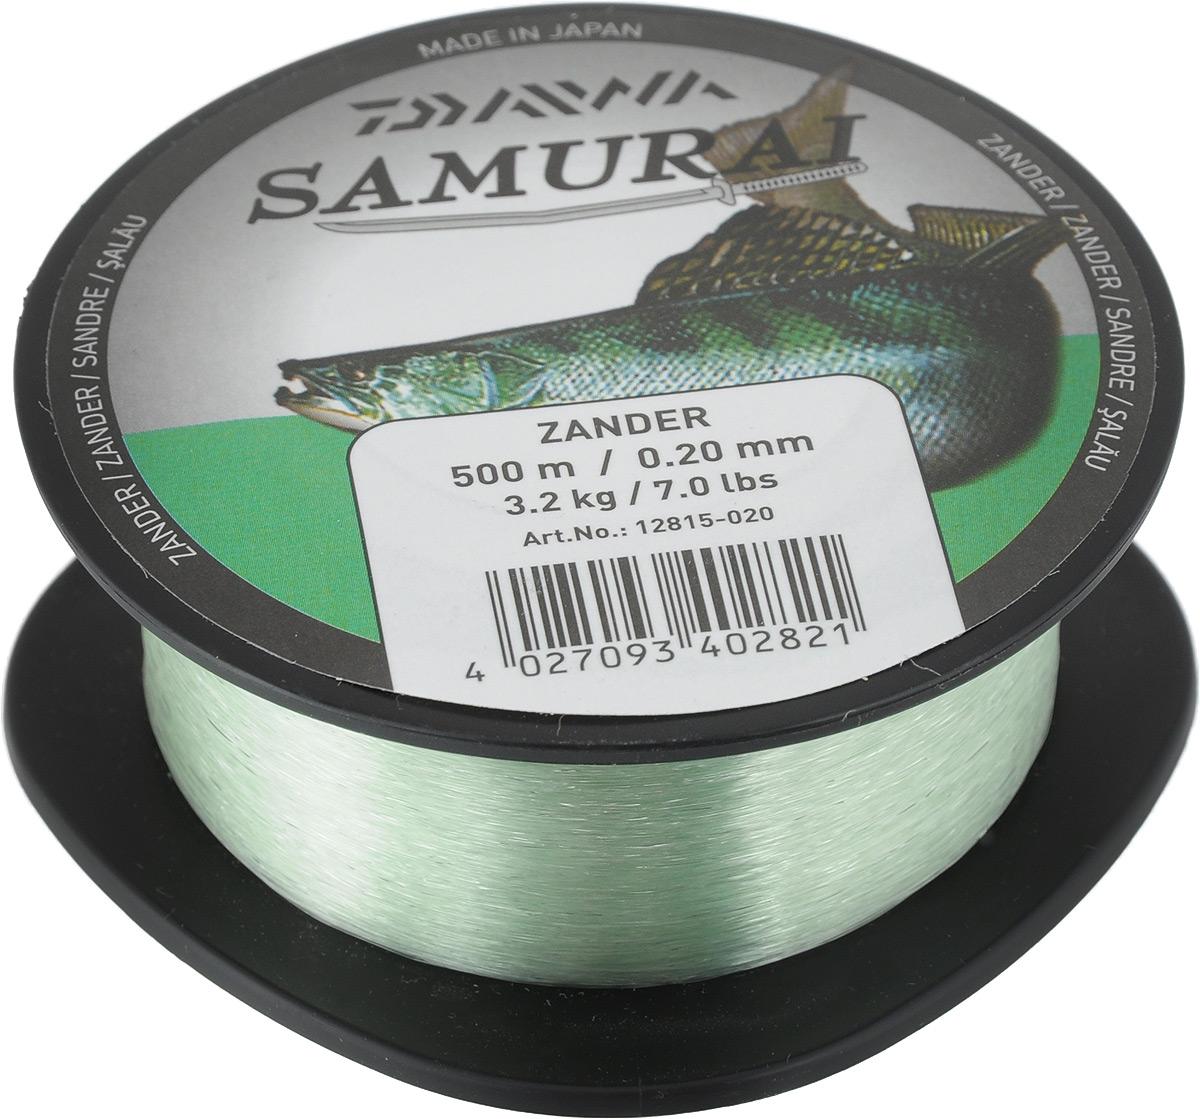 Леска Daiwa Samurai Zander, цвет: светло-зеленый, 500 м, 0,2 мм41589Популярная леска для ловли разнообразной рыбы, сделанная в Японии согласно высоким стандартам качества. Великолепное соотношение цены и качества.